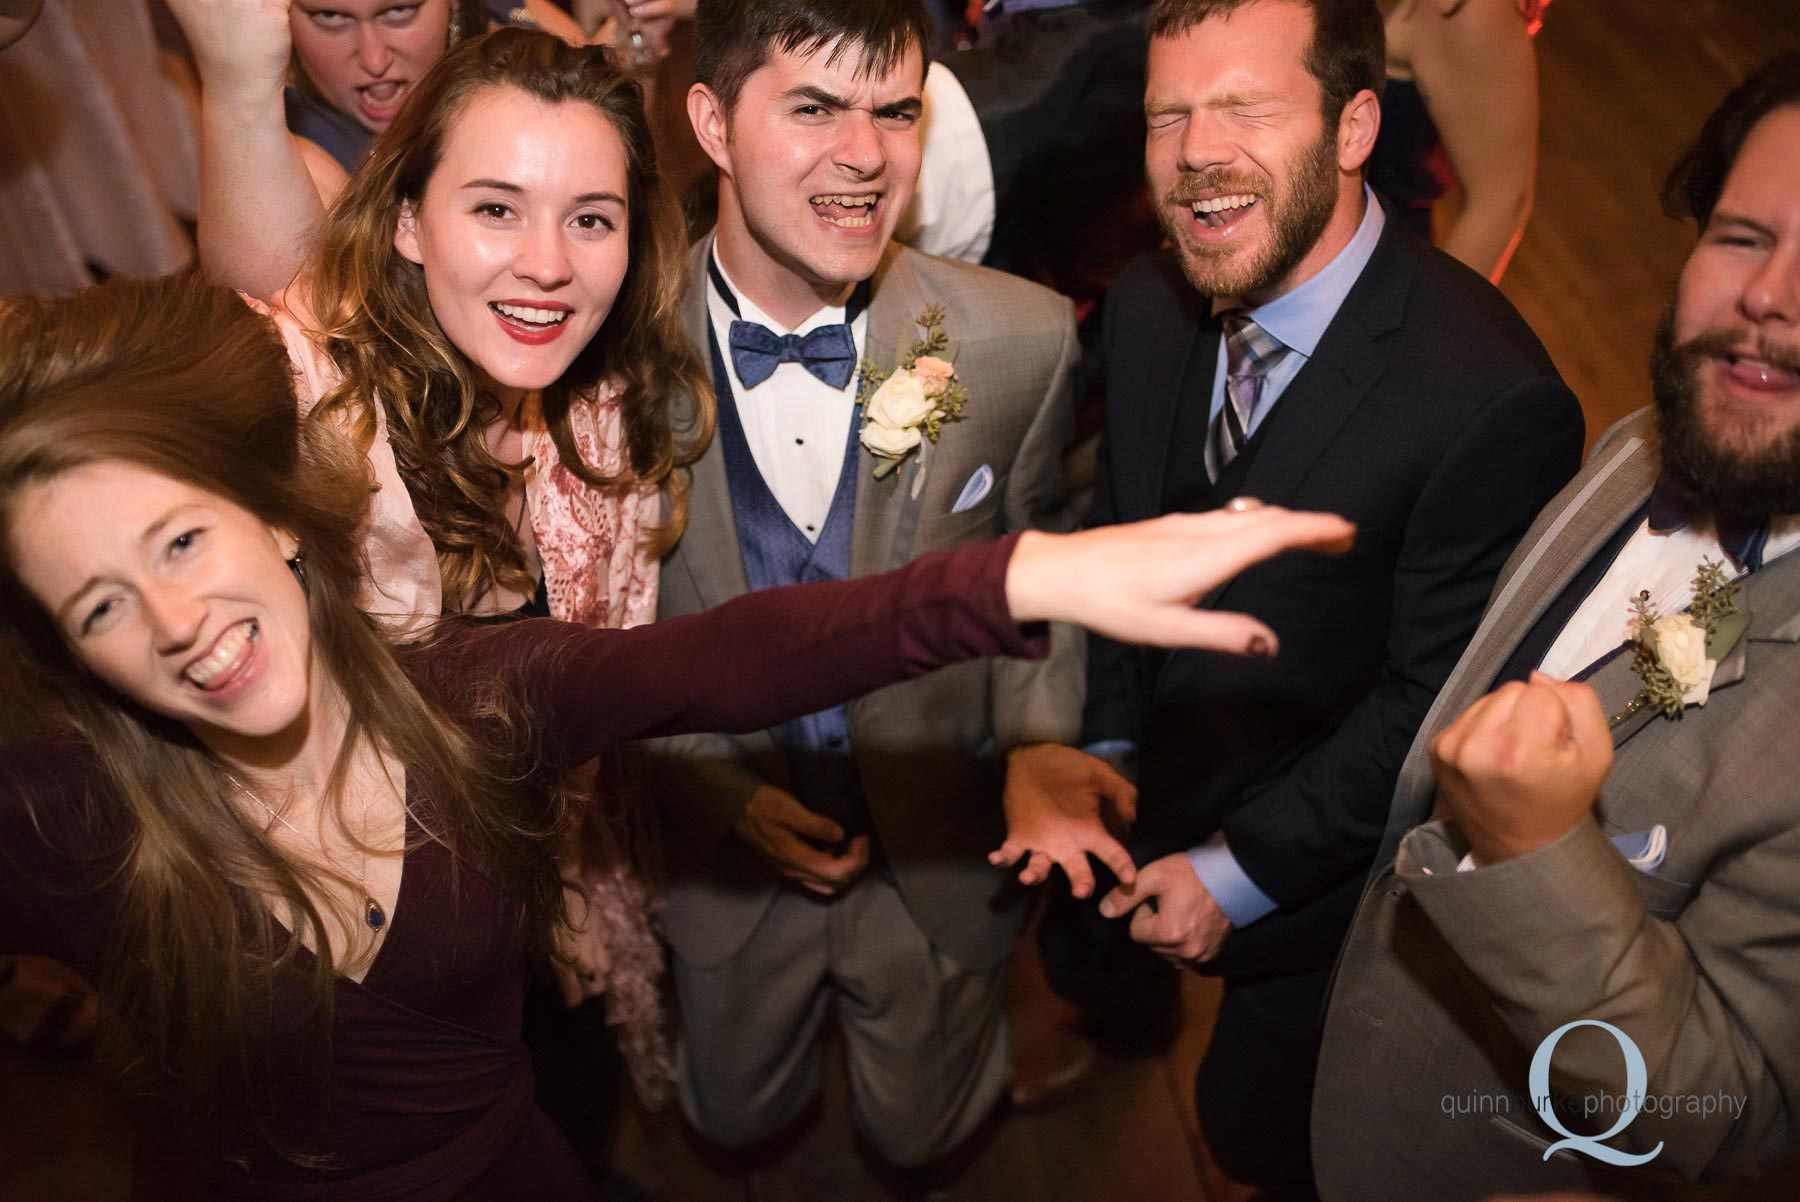 Perryhill Farm dancing wedding